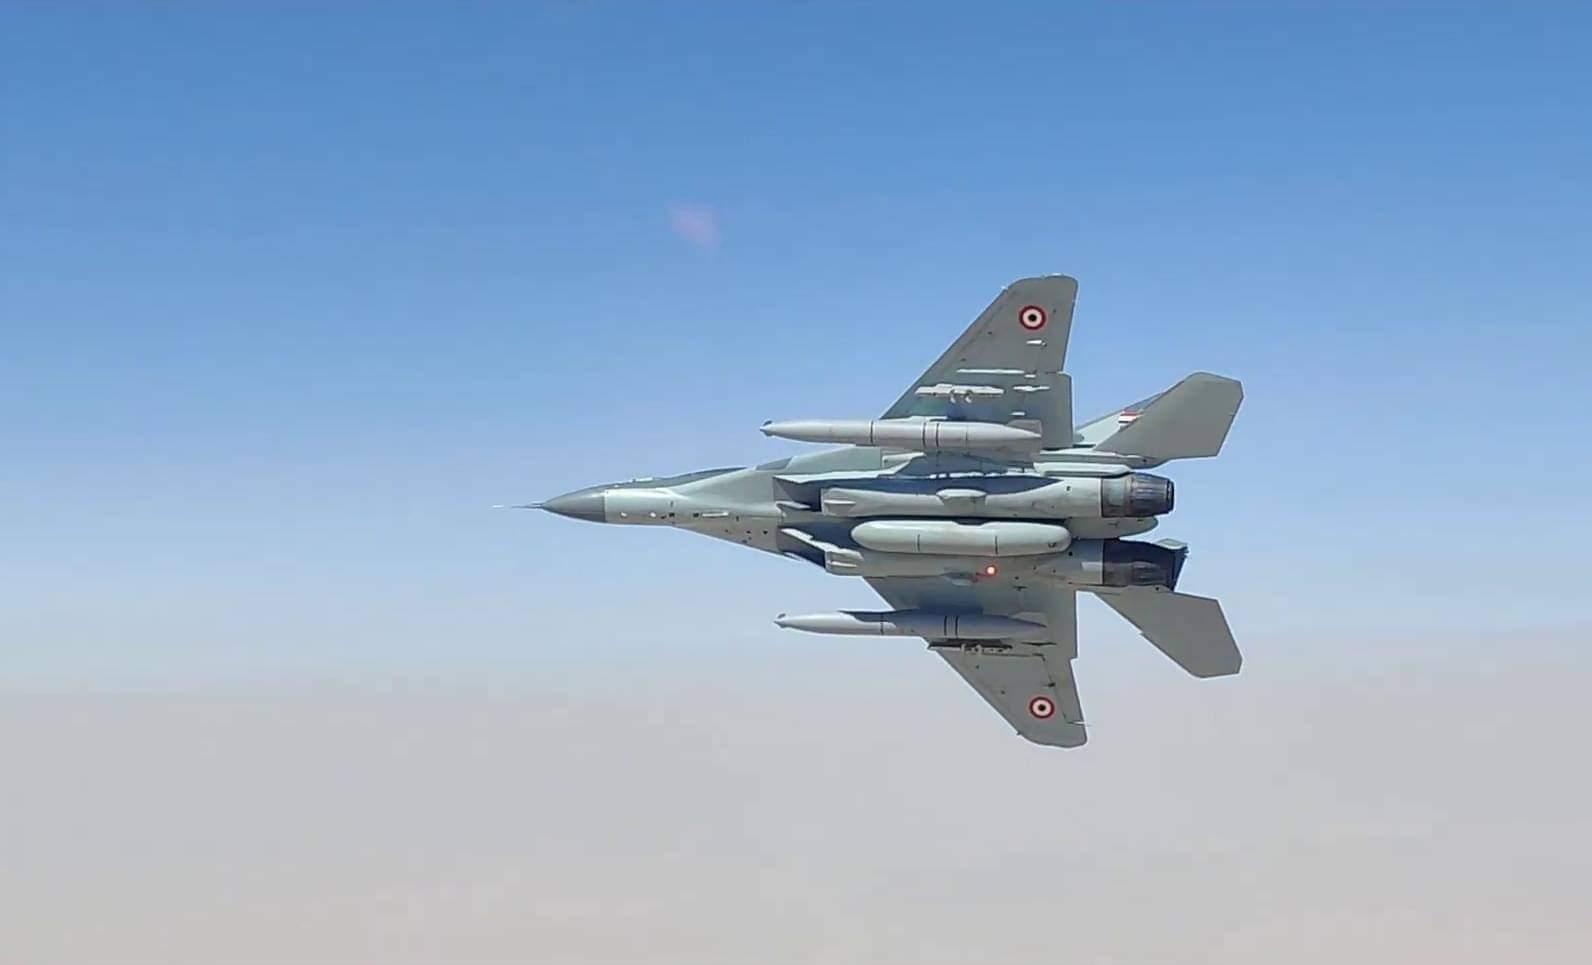 Egyptian Air Force (EAF) - Page 10 EkcoCylWAAIVEEV?format=jpg&name=large